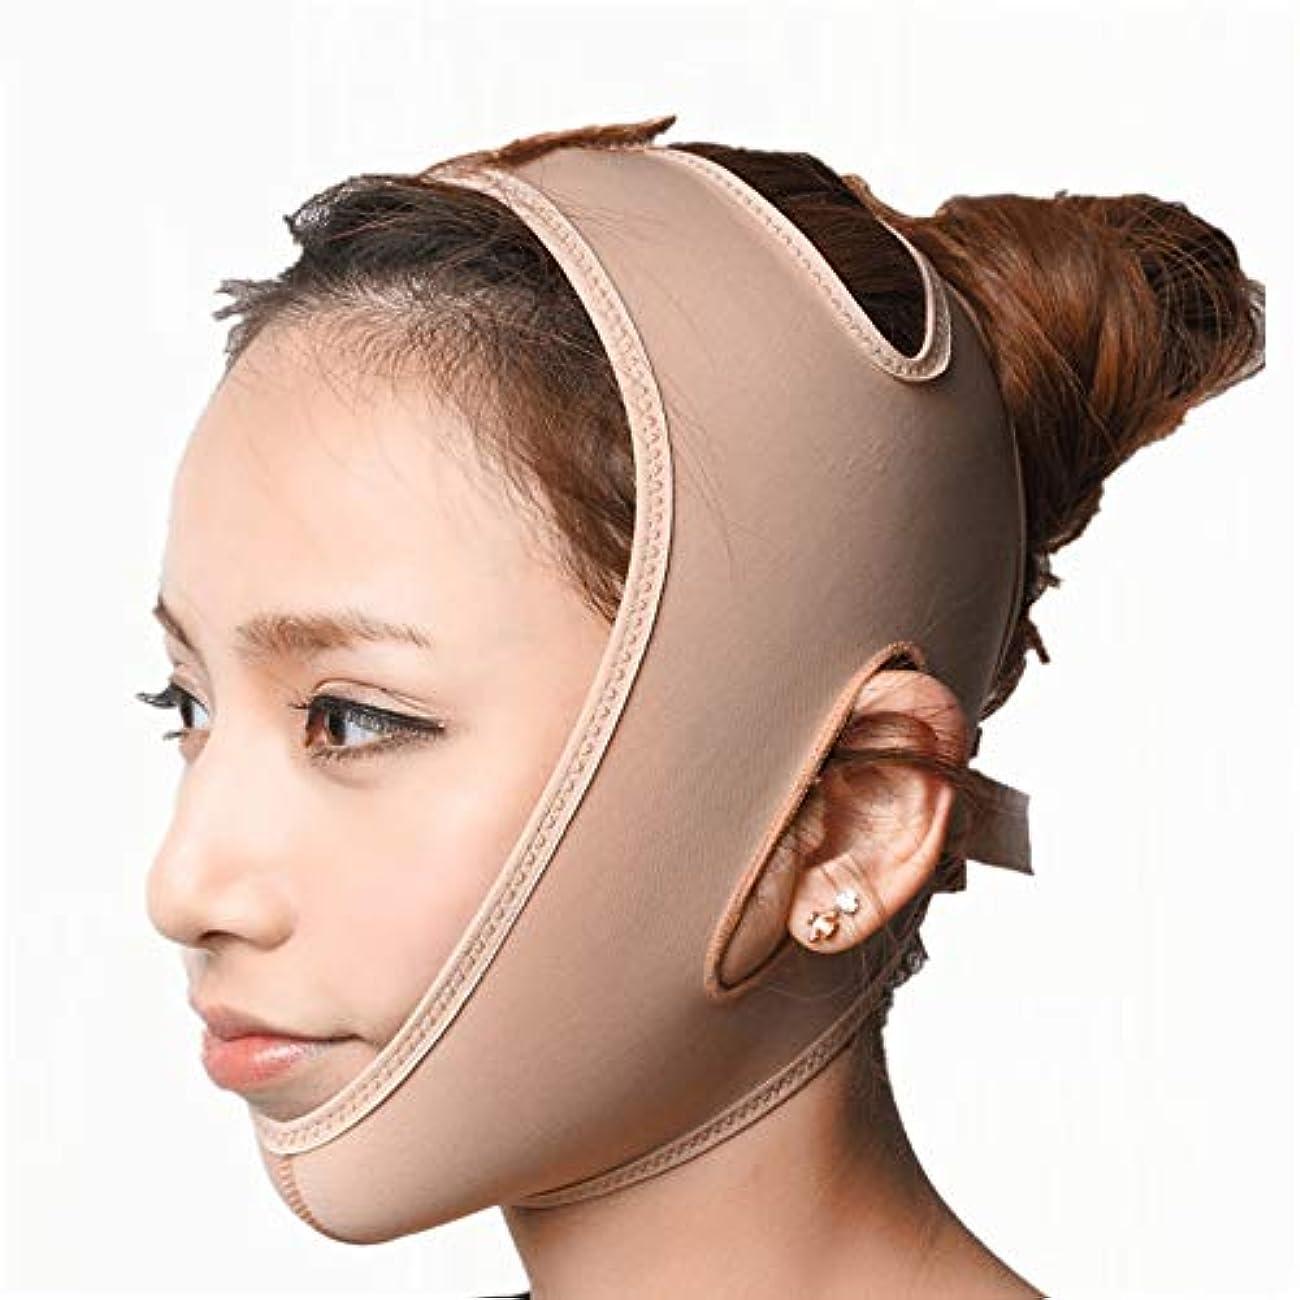 金額アトム咽頭薄い顔のベルト - 薄い顔のアーチファクトVの顔の包帯マスクの顔のマッサージャー薄いダブルの顎のデバイス